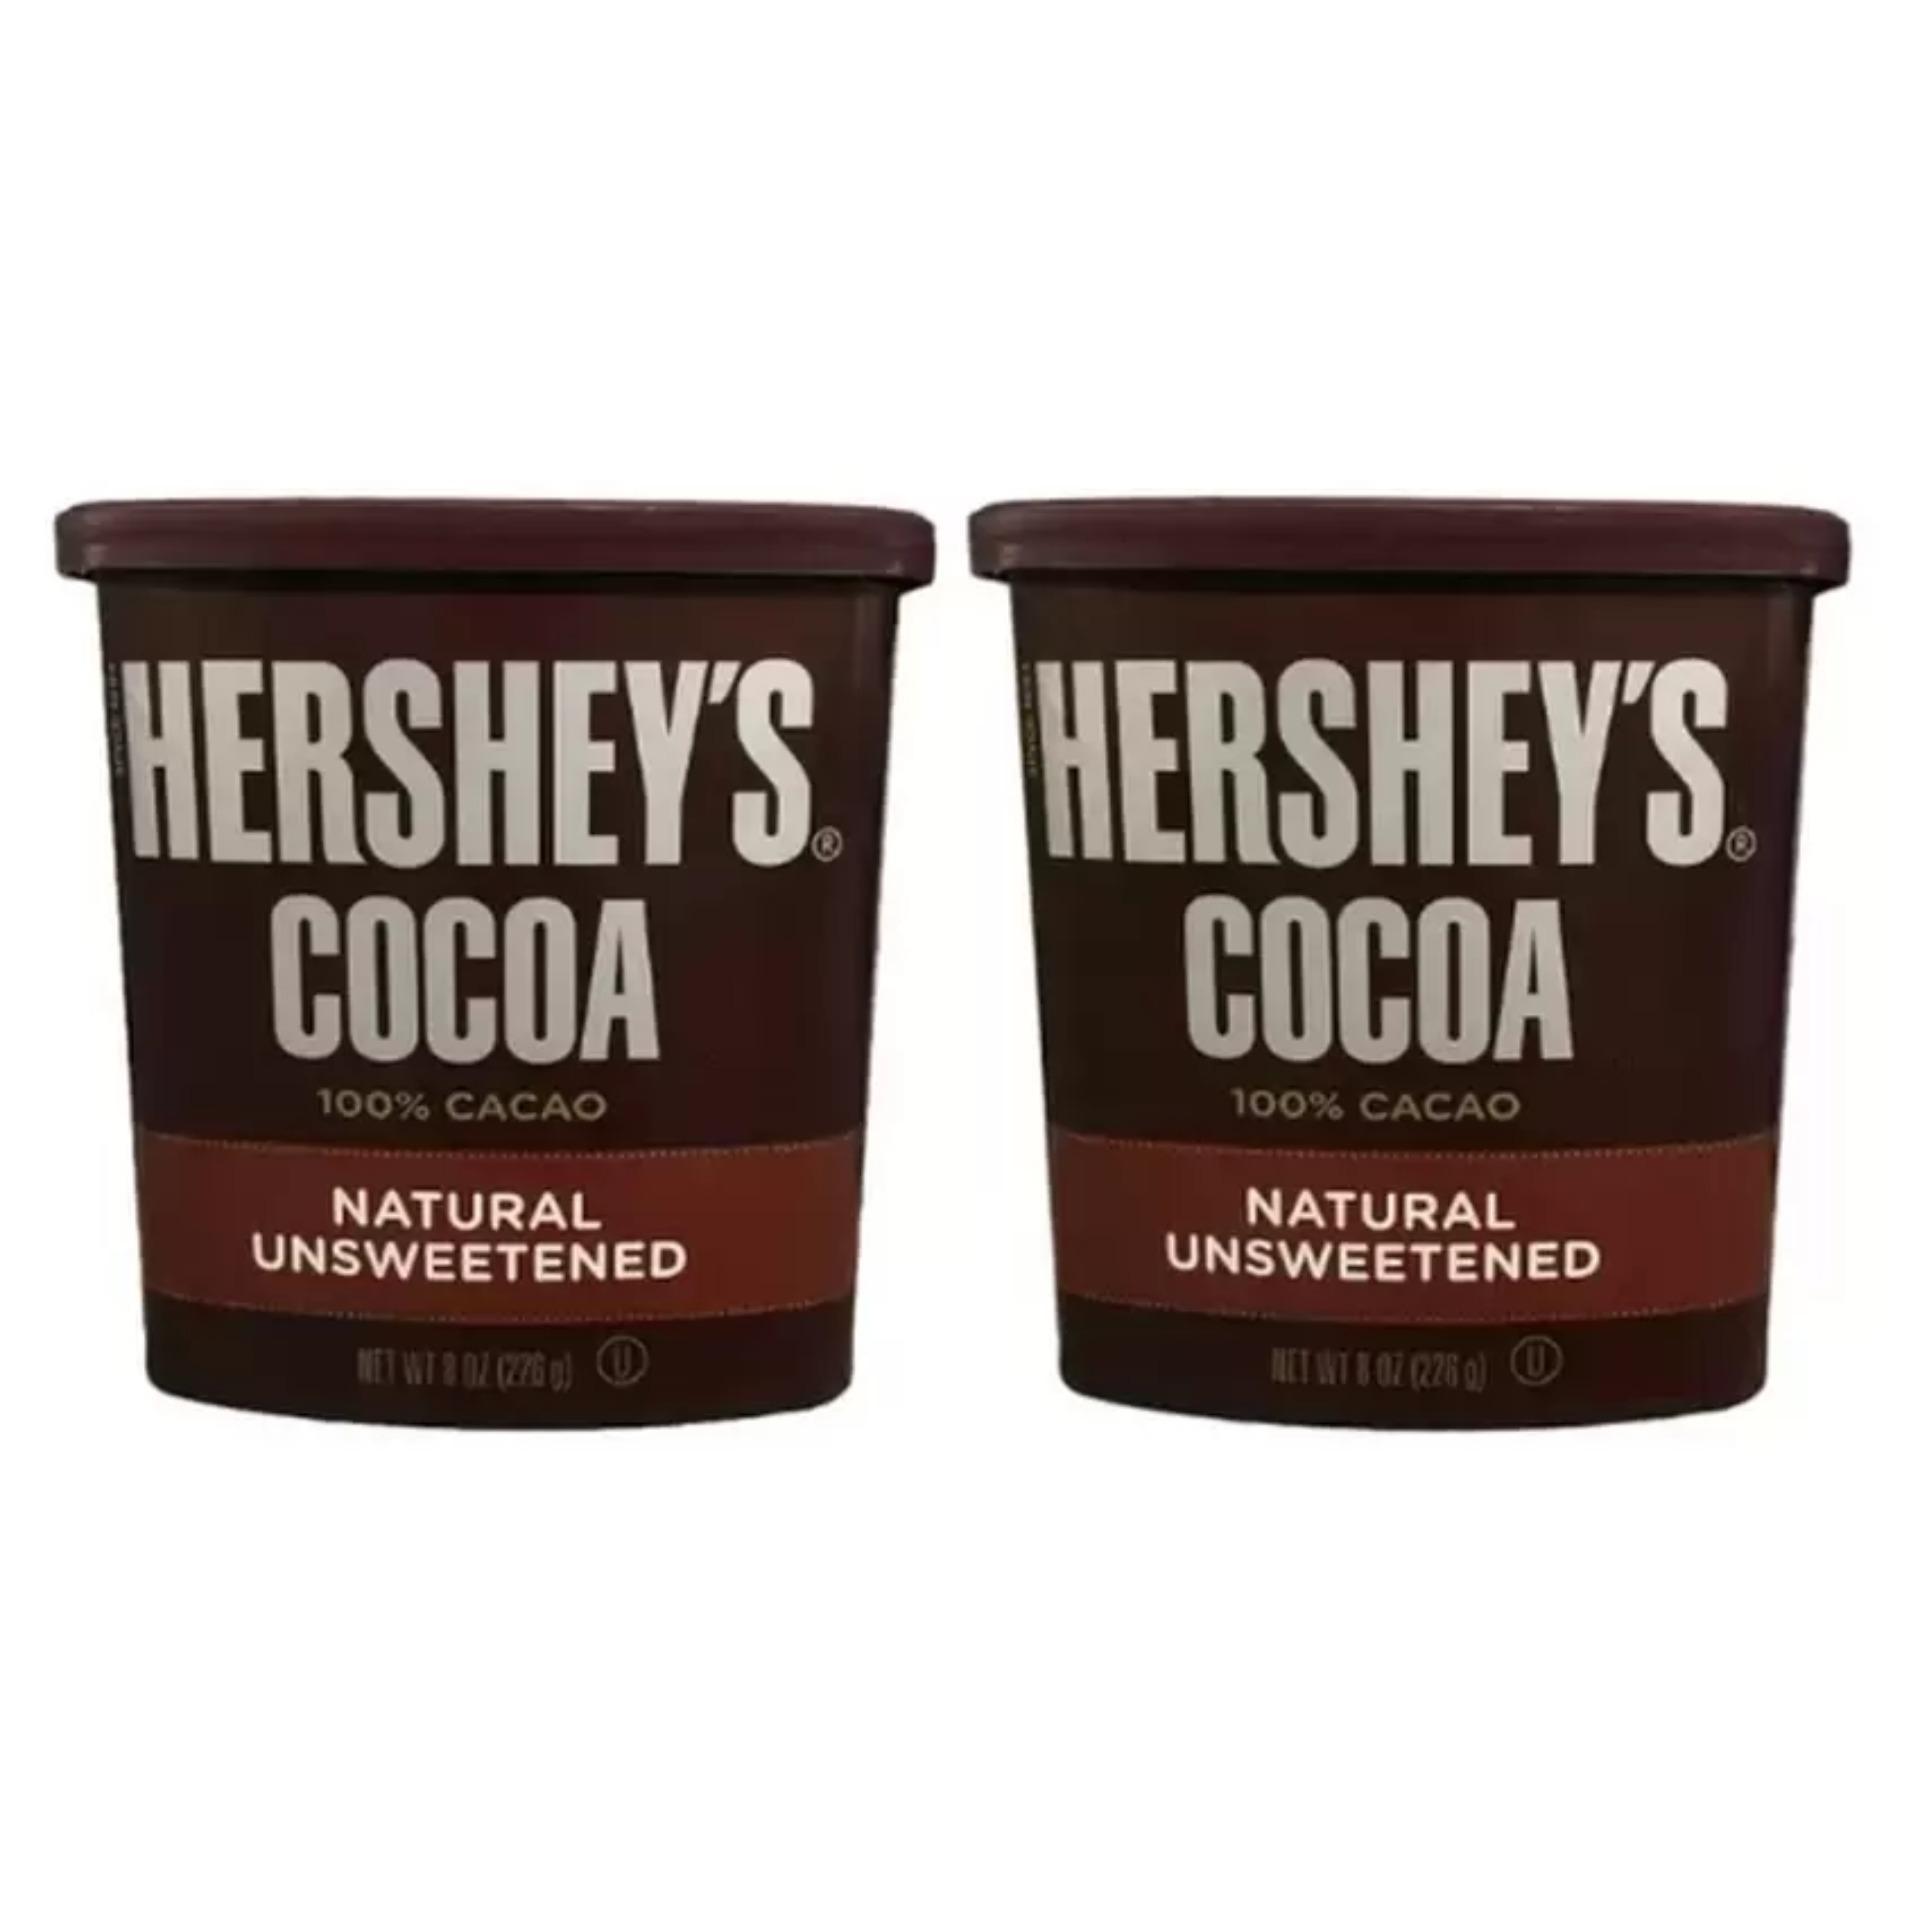 Bộ 2 hộp bột cacao Hershey's 100% cacao tự nhiên 226g